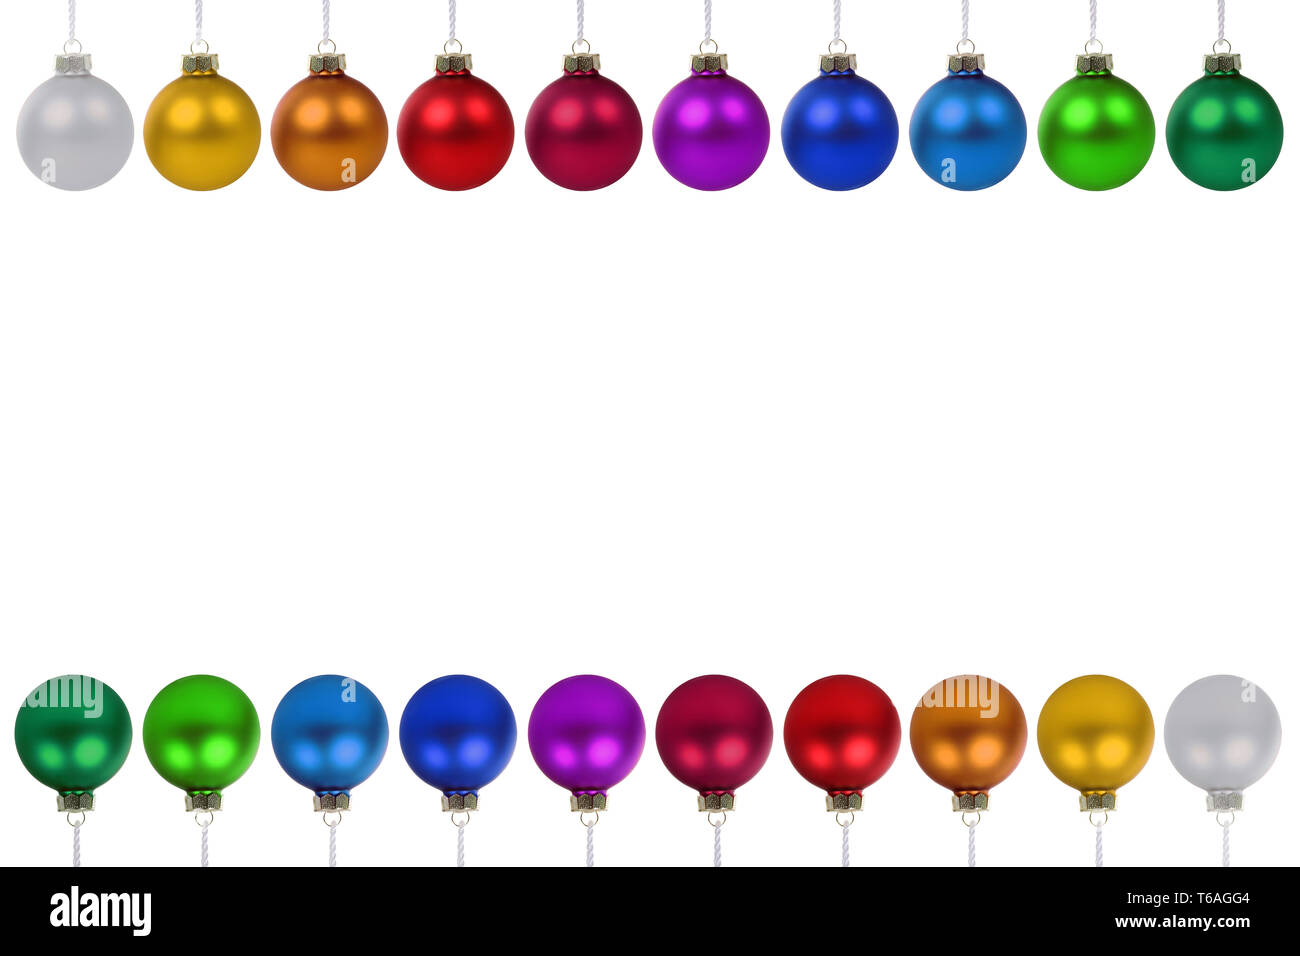 Weihnachtskugeln Weihnachten bunte Kugeln Textfreiraum Copyspace Freisteller freigestellt isoliert - Stock Image